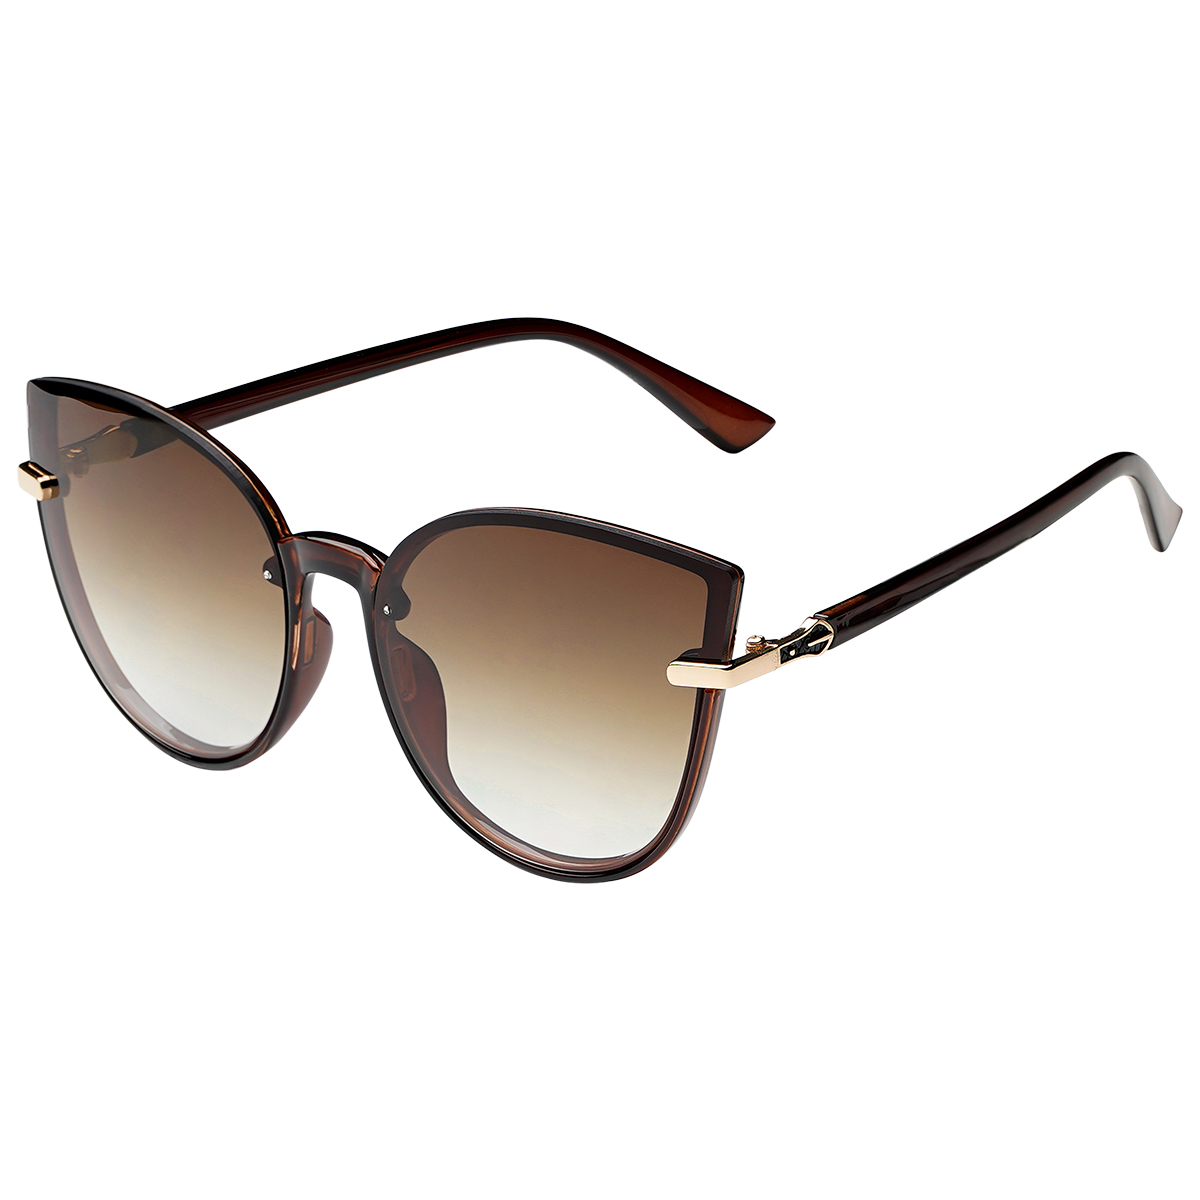 Zonnebril Cat Eye camel bruin bruine dames zonnebrillen gouden detail trendy festival brillen musthaves kopen bestellen yehwang